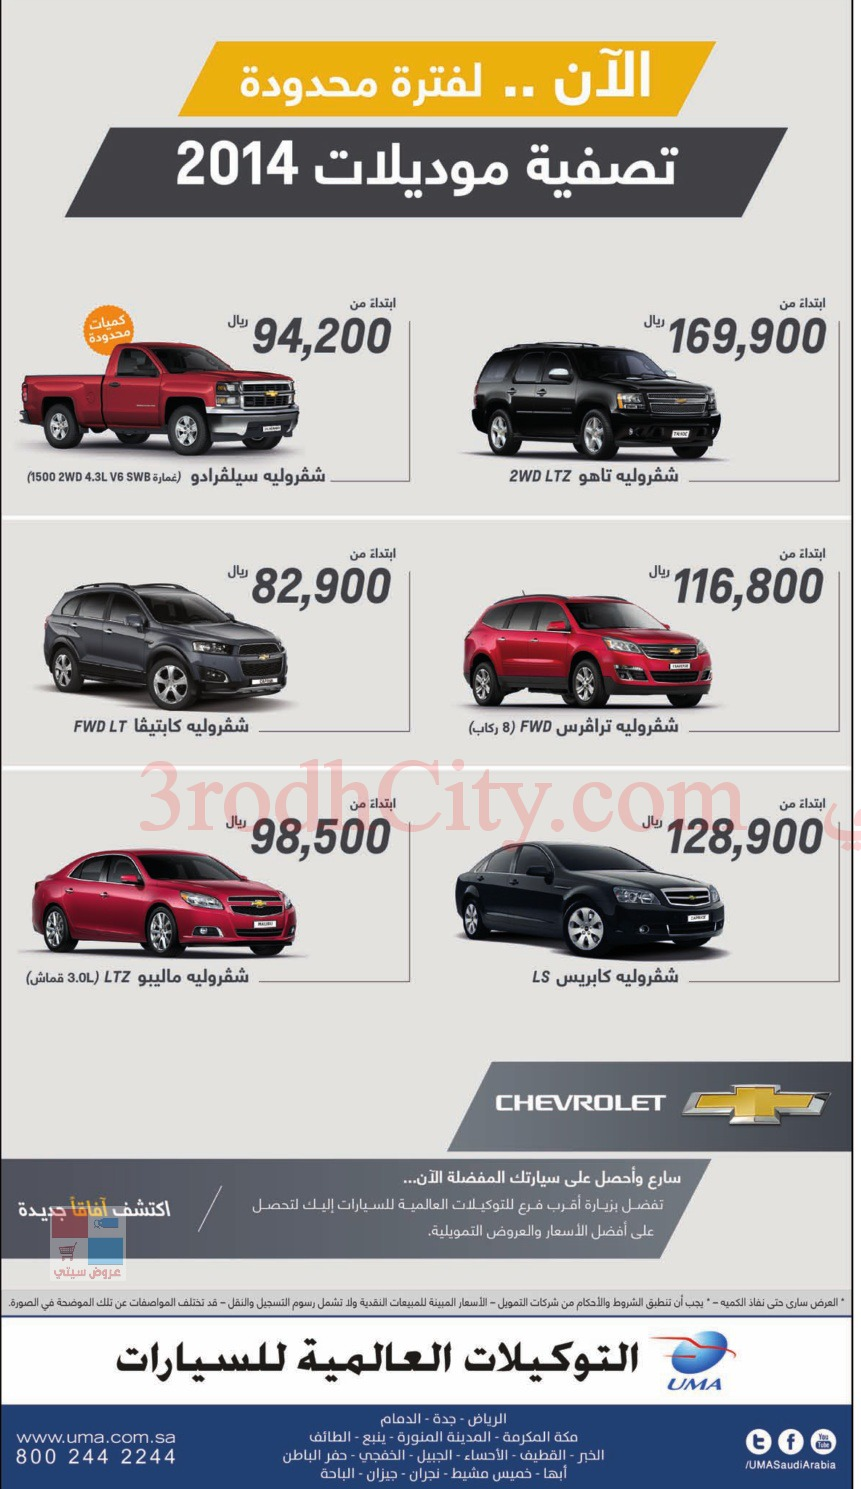 تصفية على موديلات 2014 لدى التوكيلات العالمية للسيارات 13bvbI.jpg